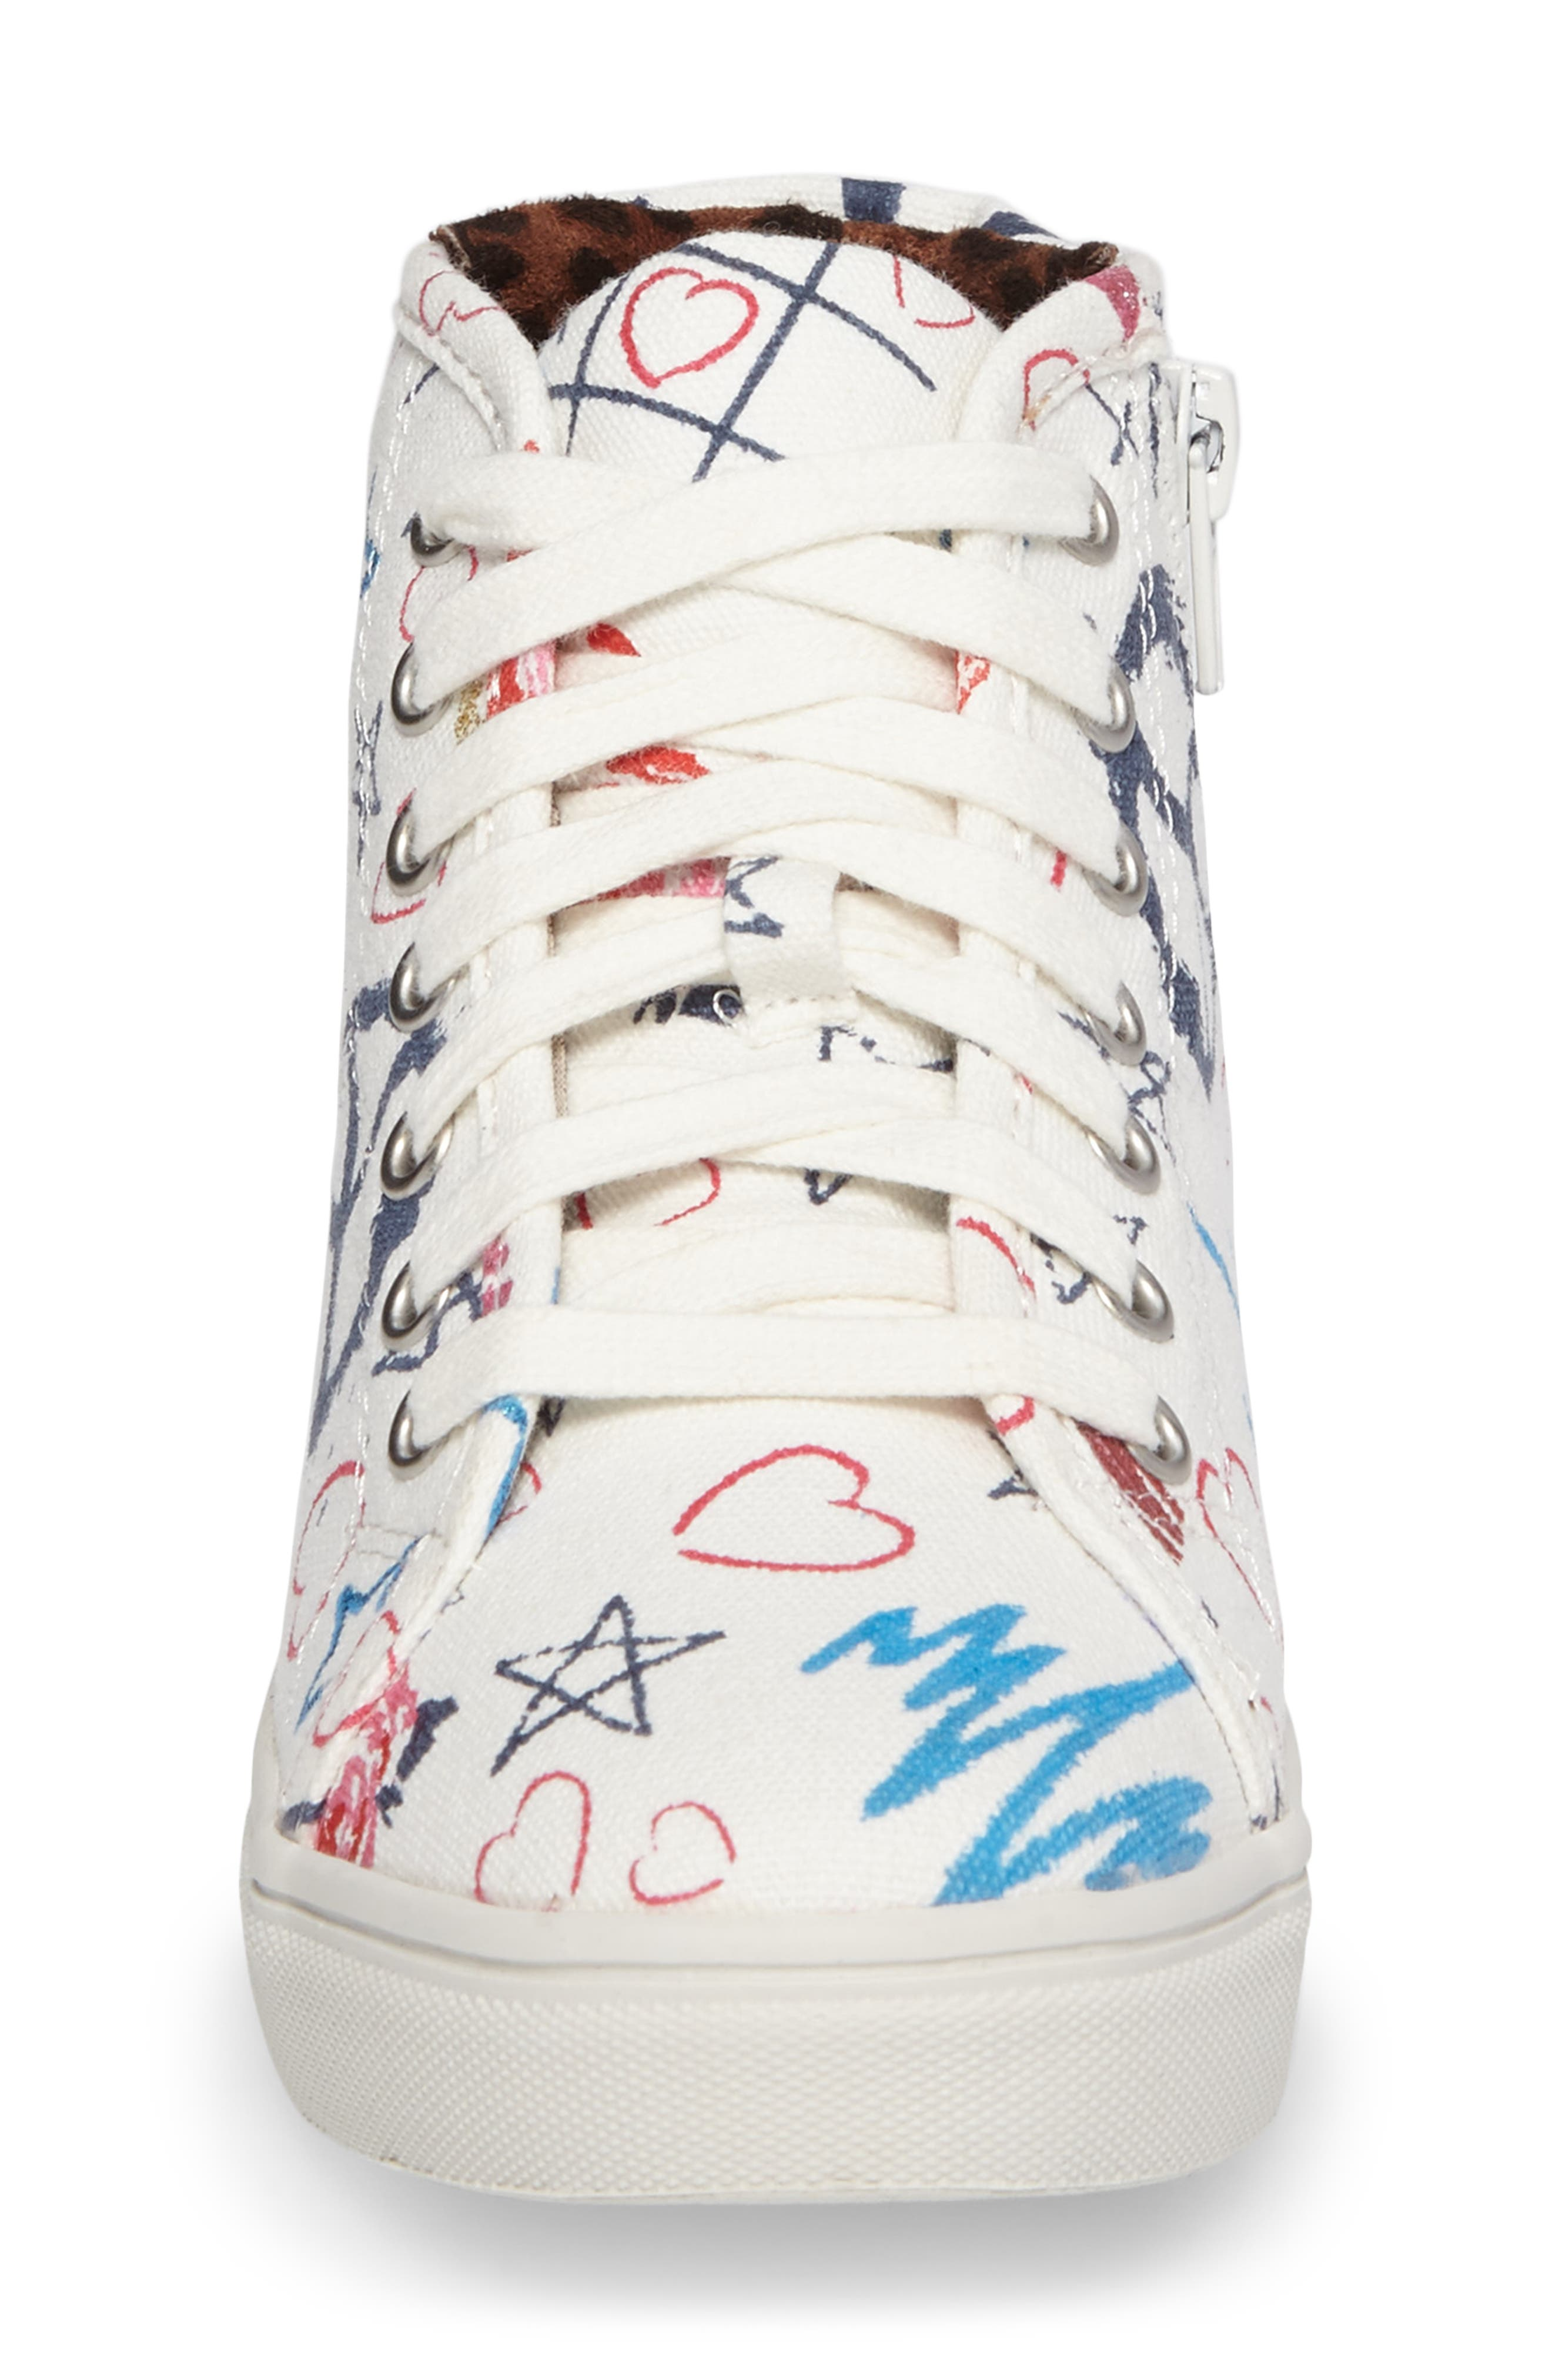 JScribble High Top Sneaker,                             Alternate thumbnail 4, color,                             White